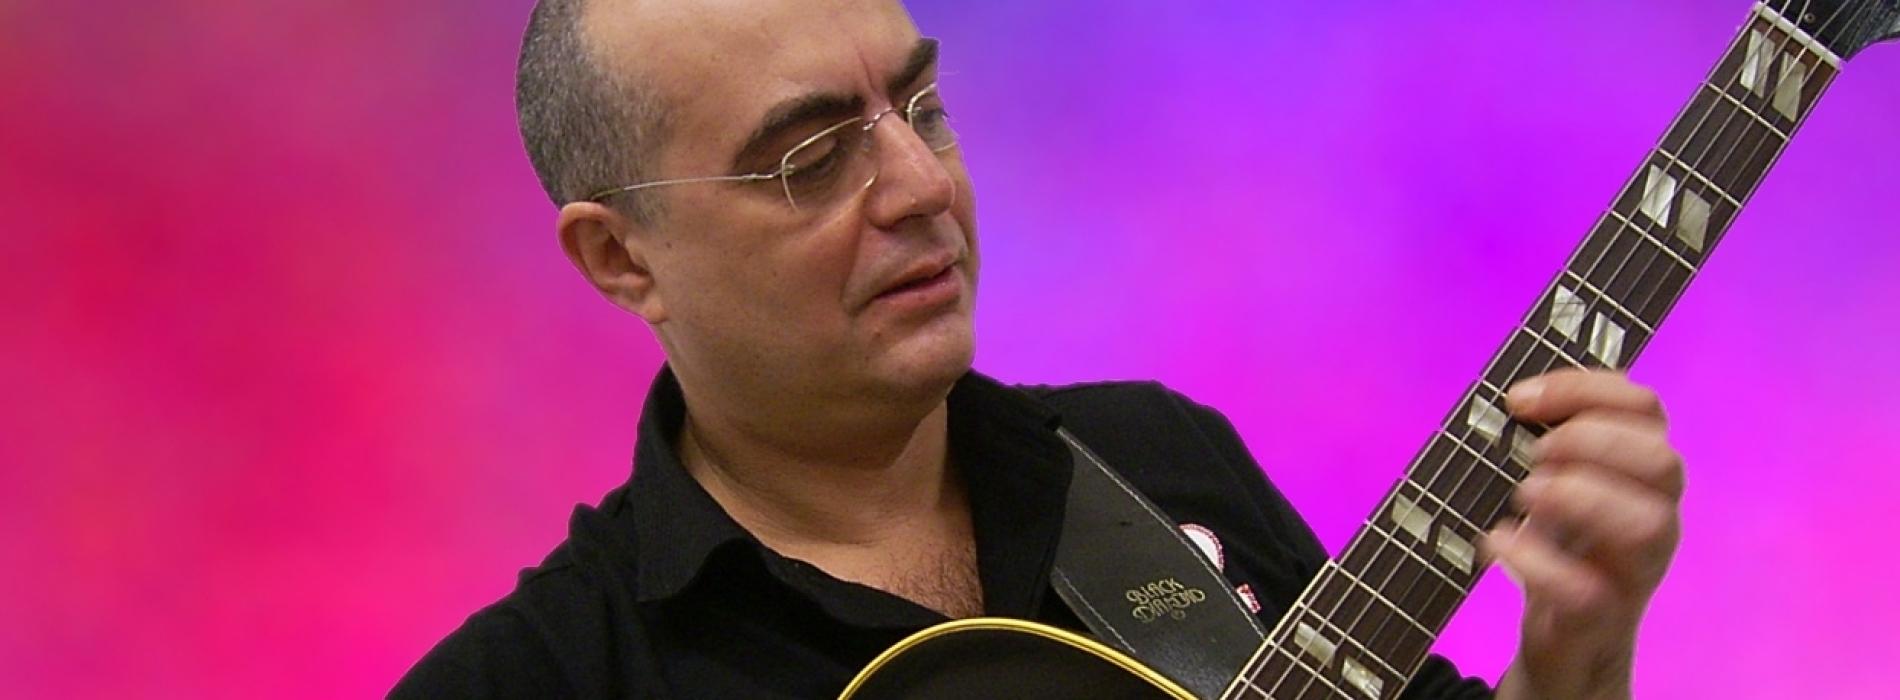 Solidarietà a suon di jazz, Pietro Condorelli star al Belvedere